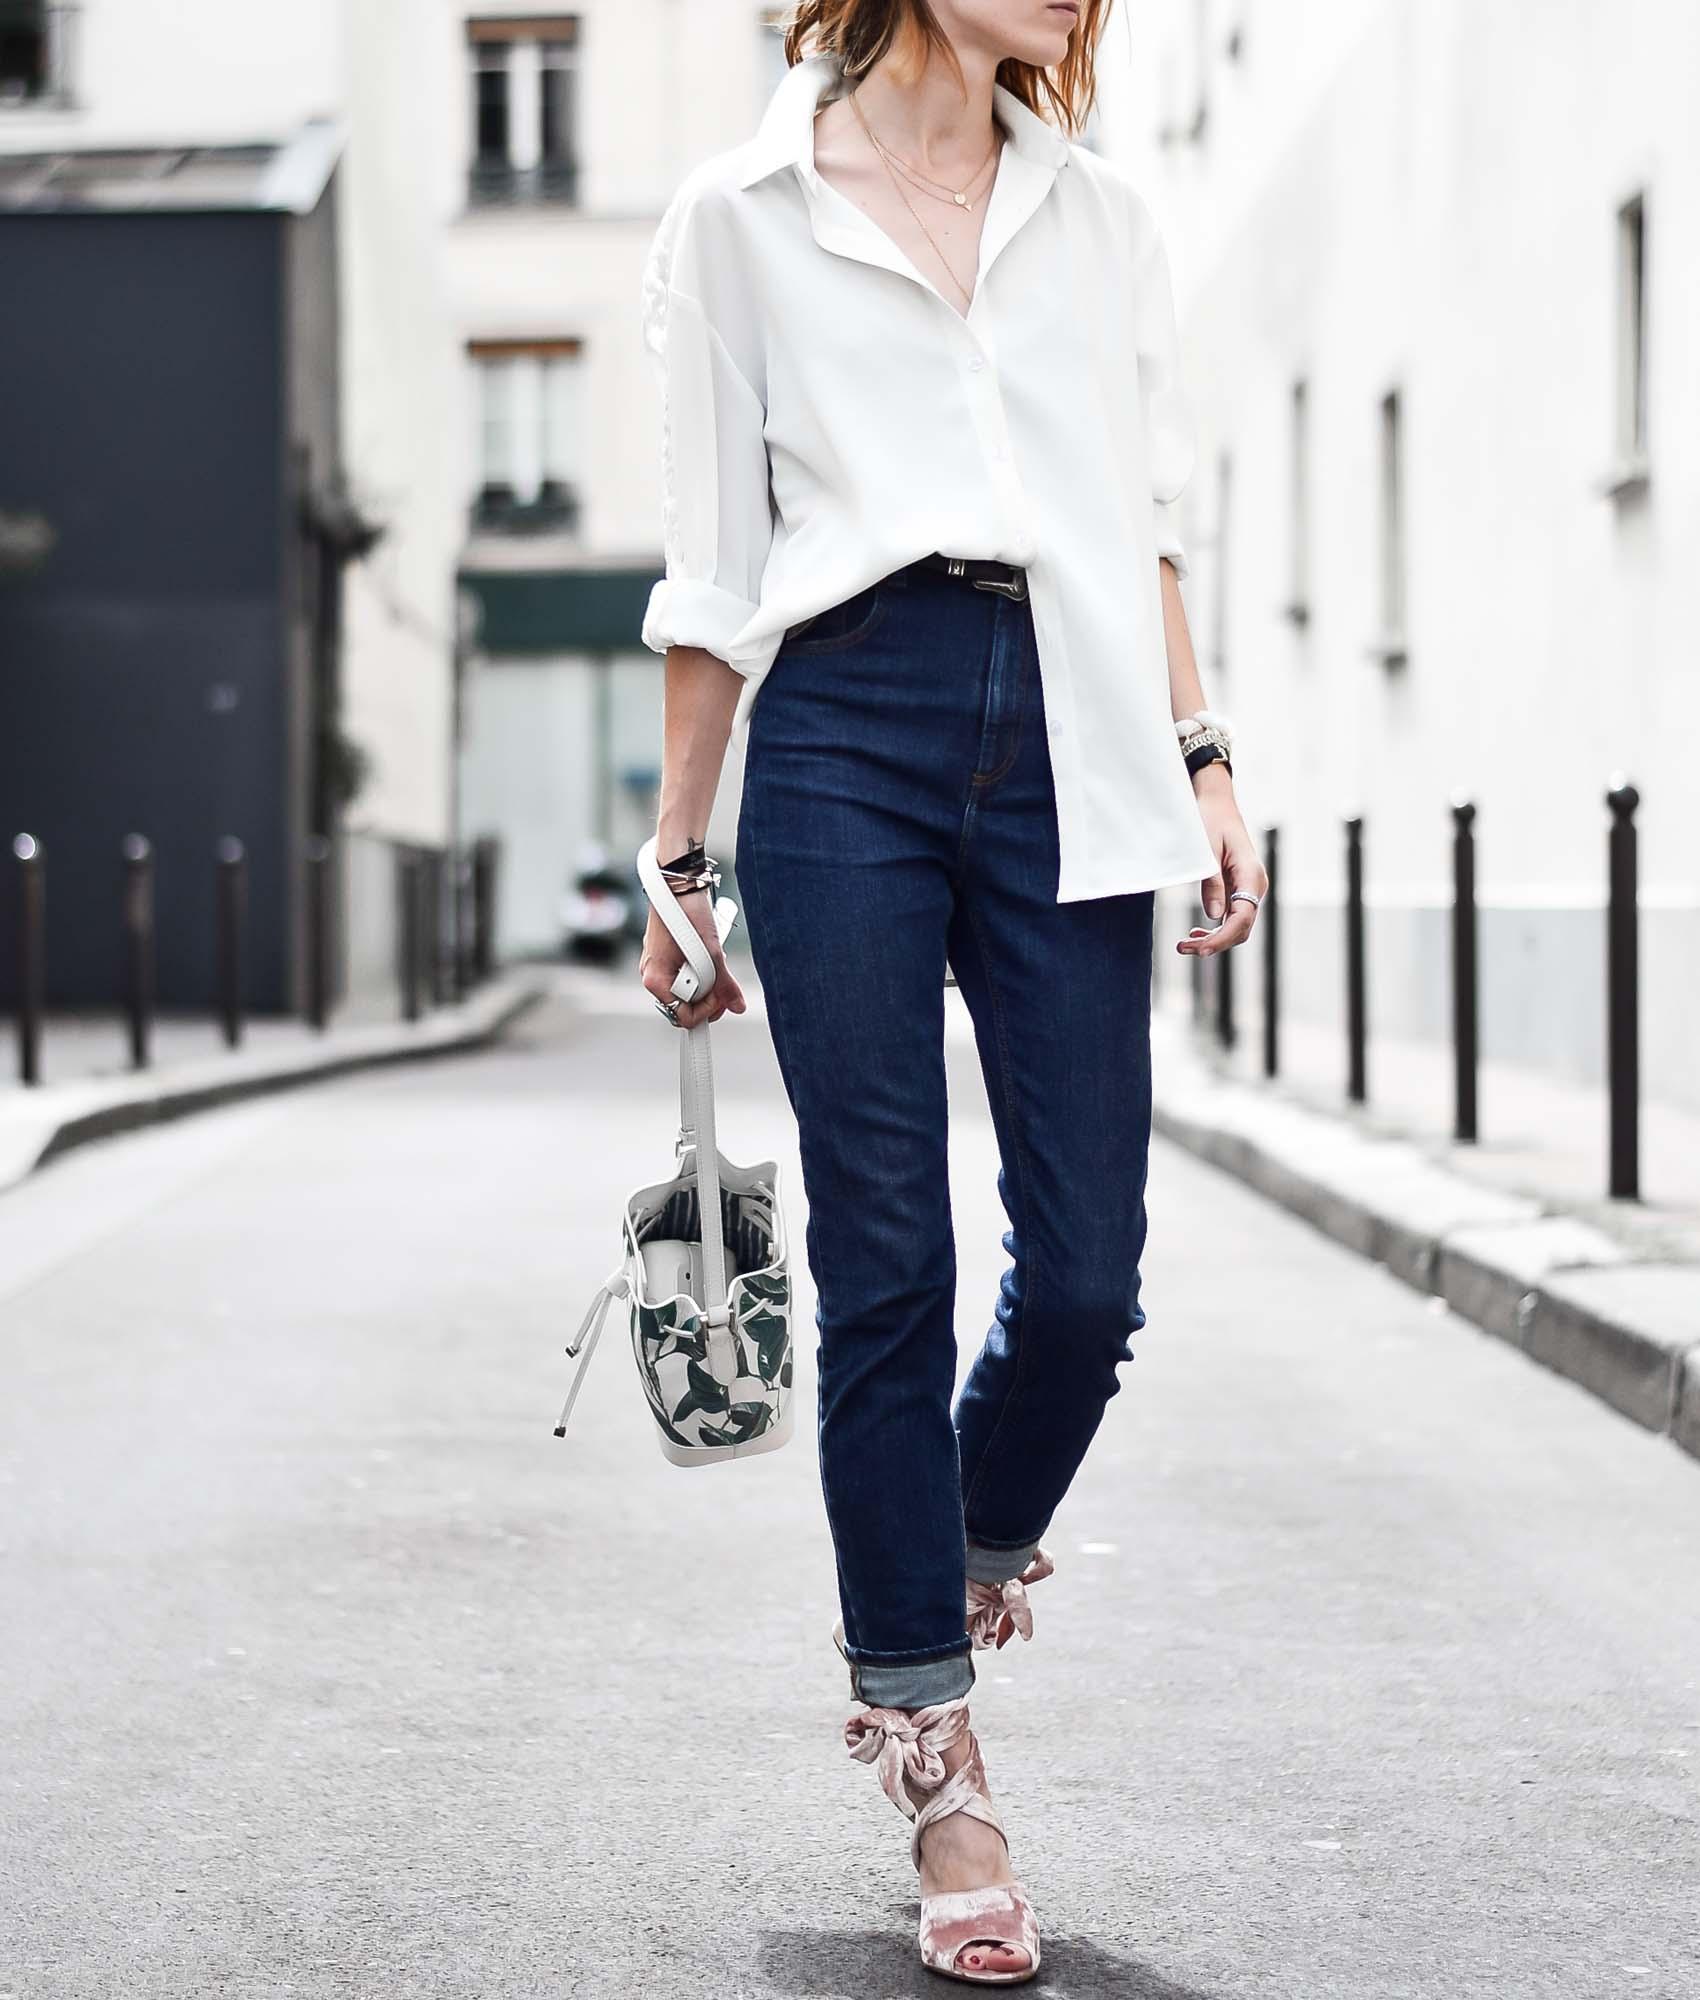 blouse (10 sur 23)